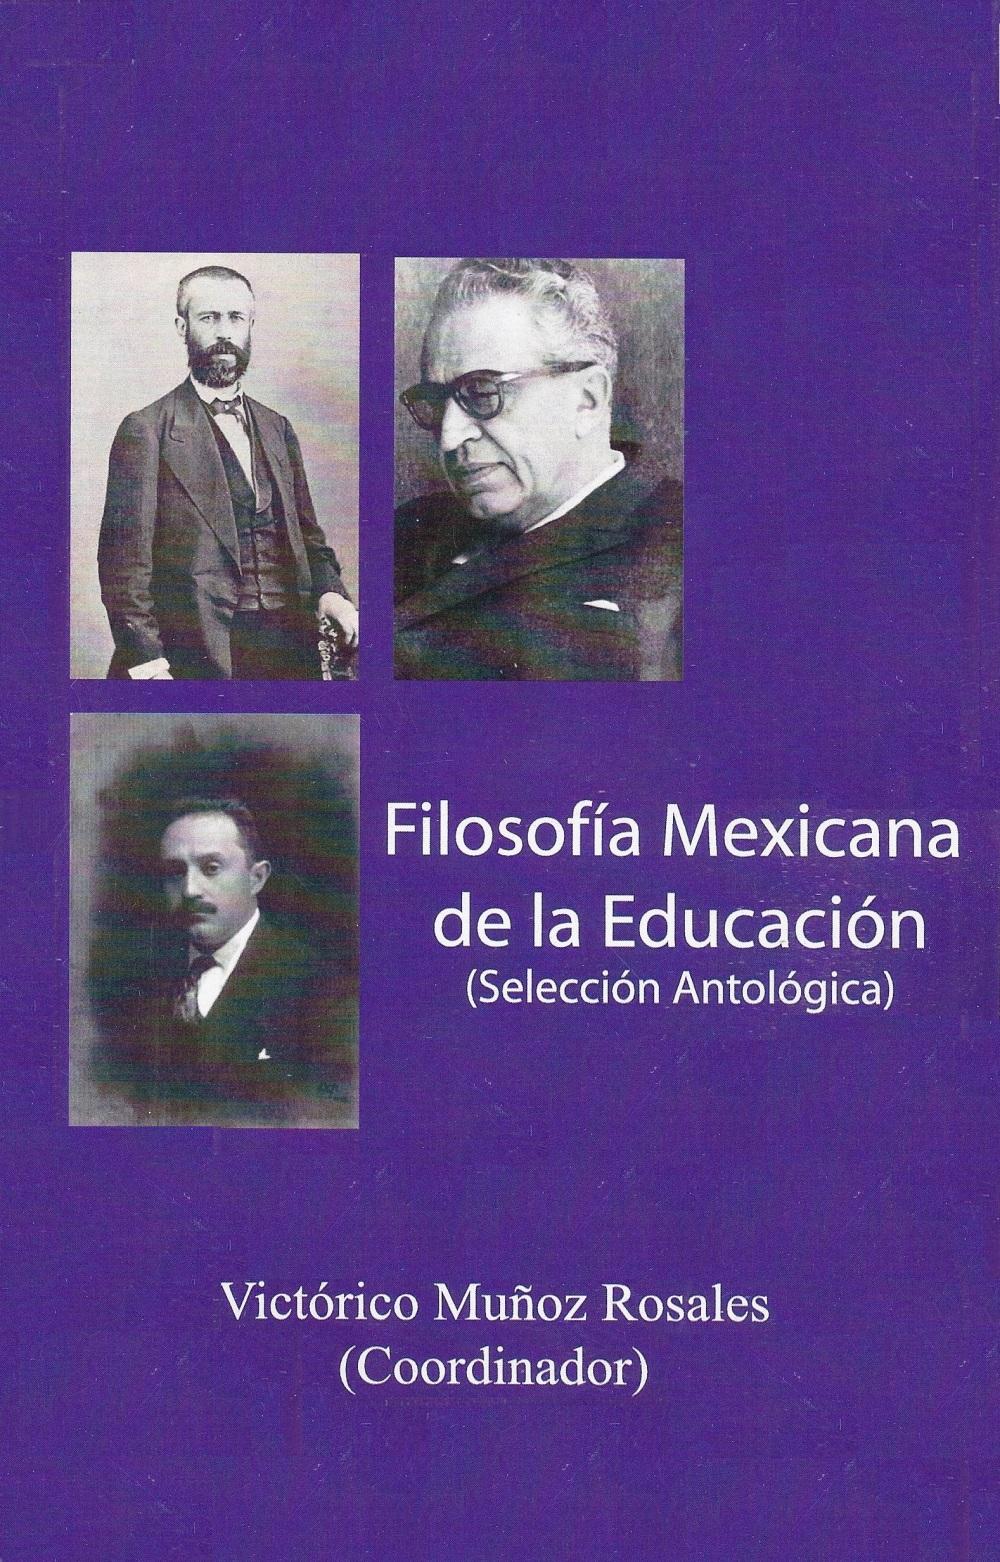 Muñoz Rosales, Victórico - Flosofía Mexicana de la Educación